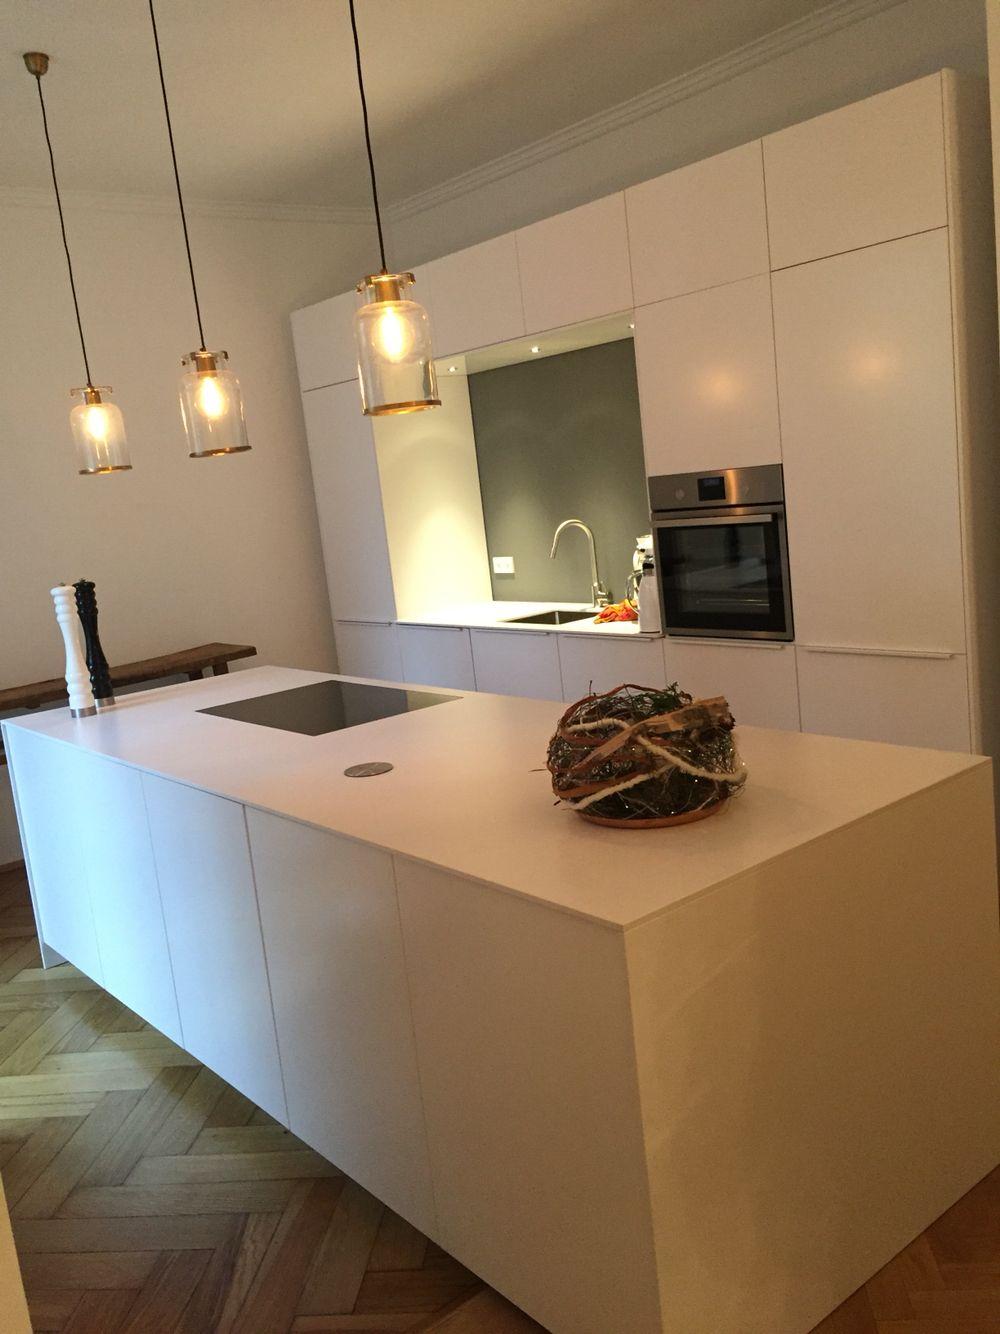 Sitzgruppe Esszimmer Weiss Honig: Küche, Bulthaupt Küchen